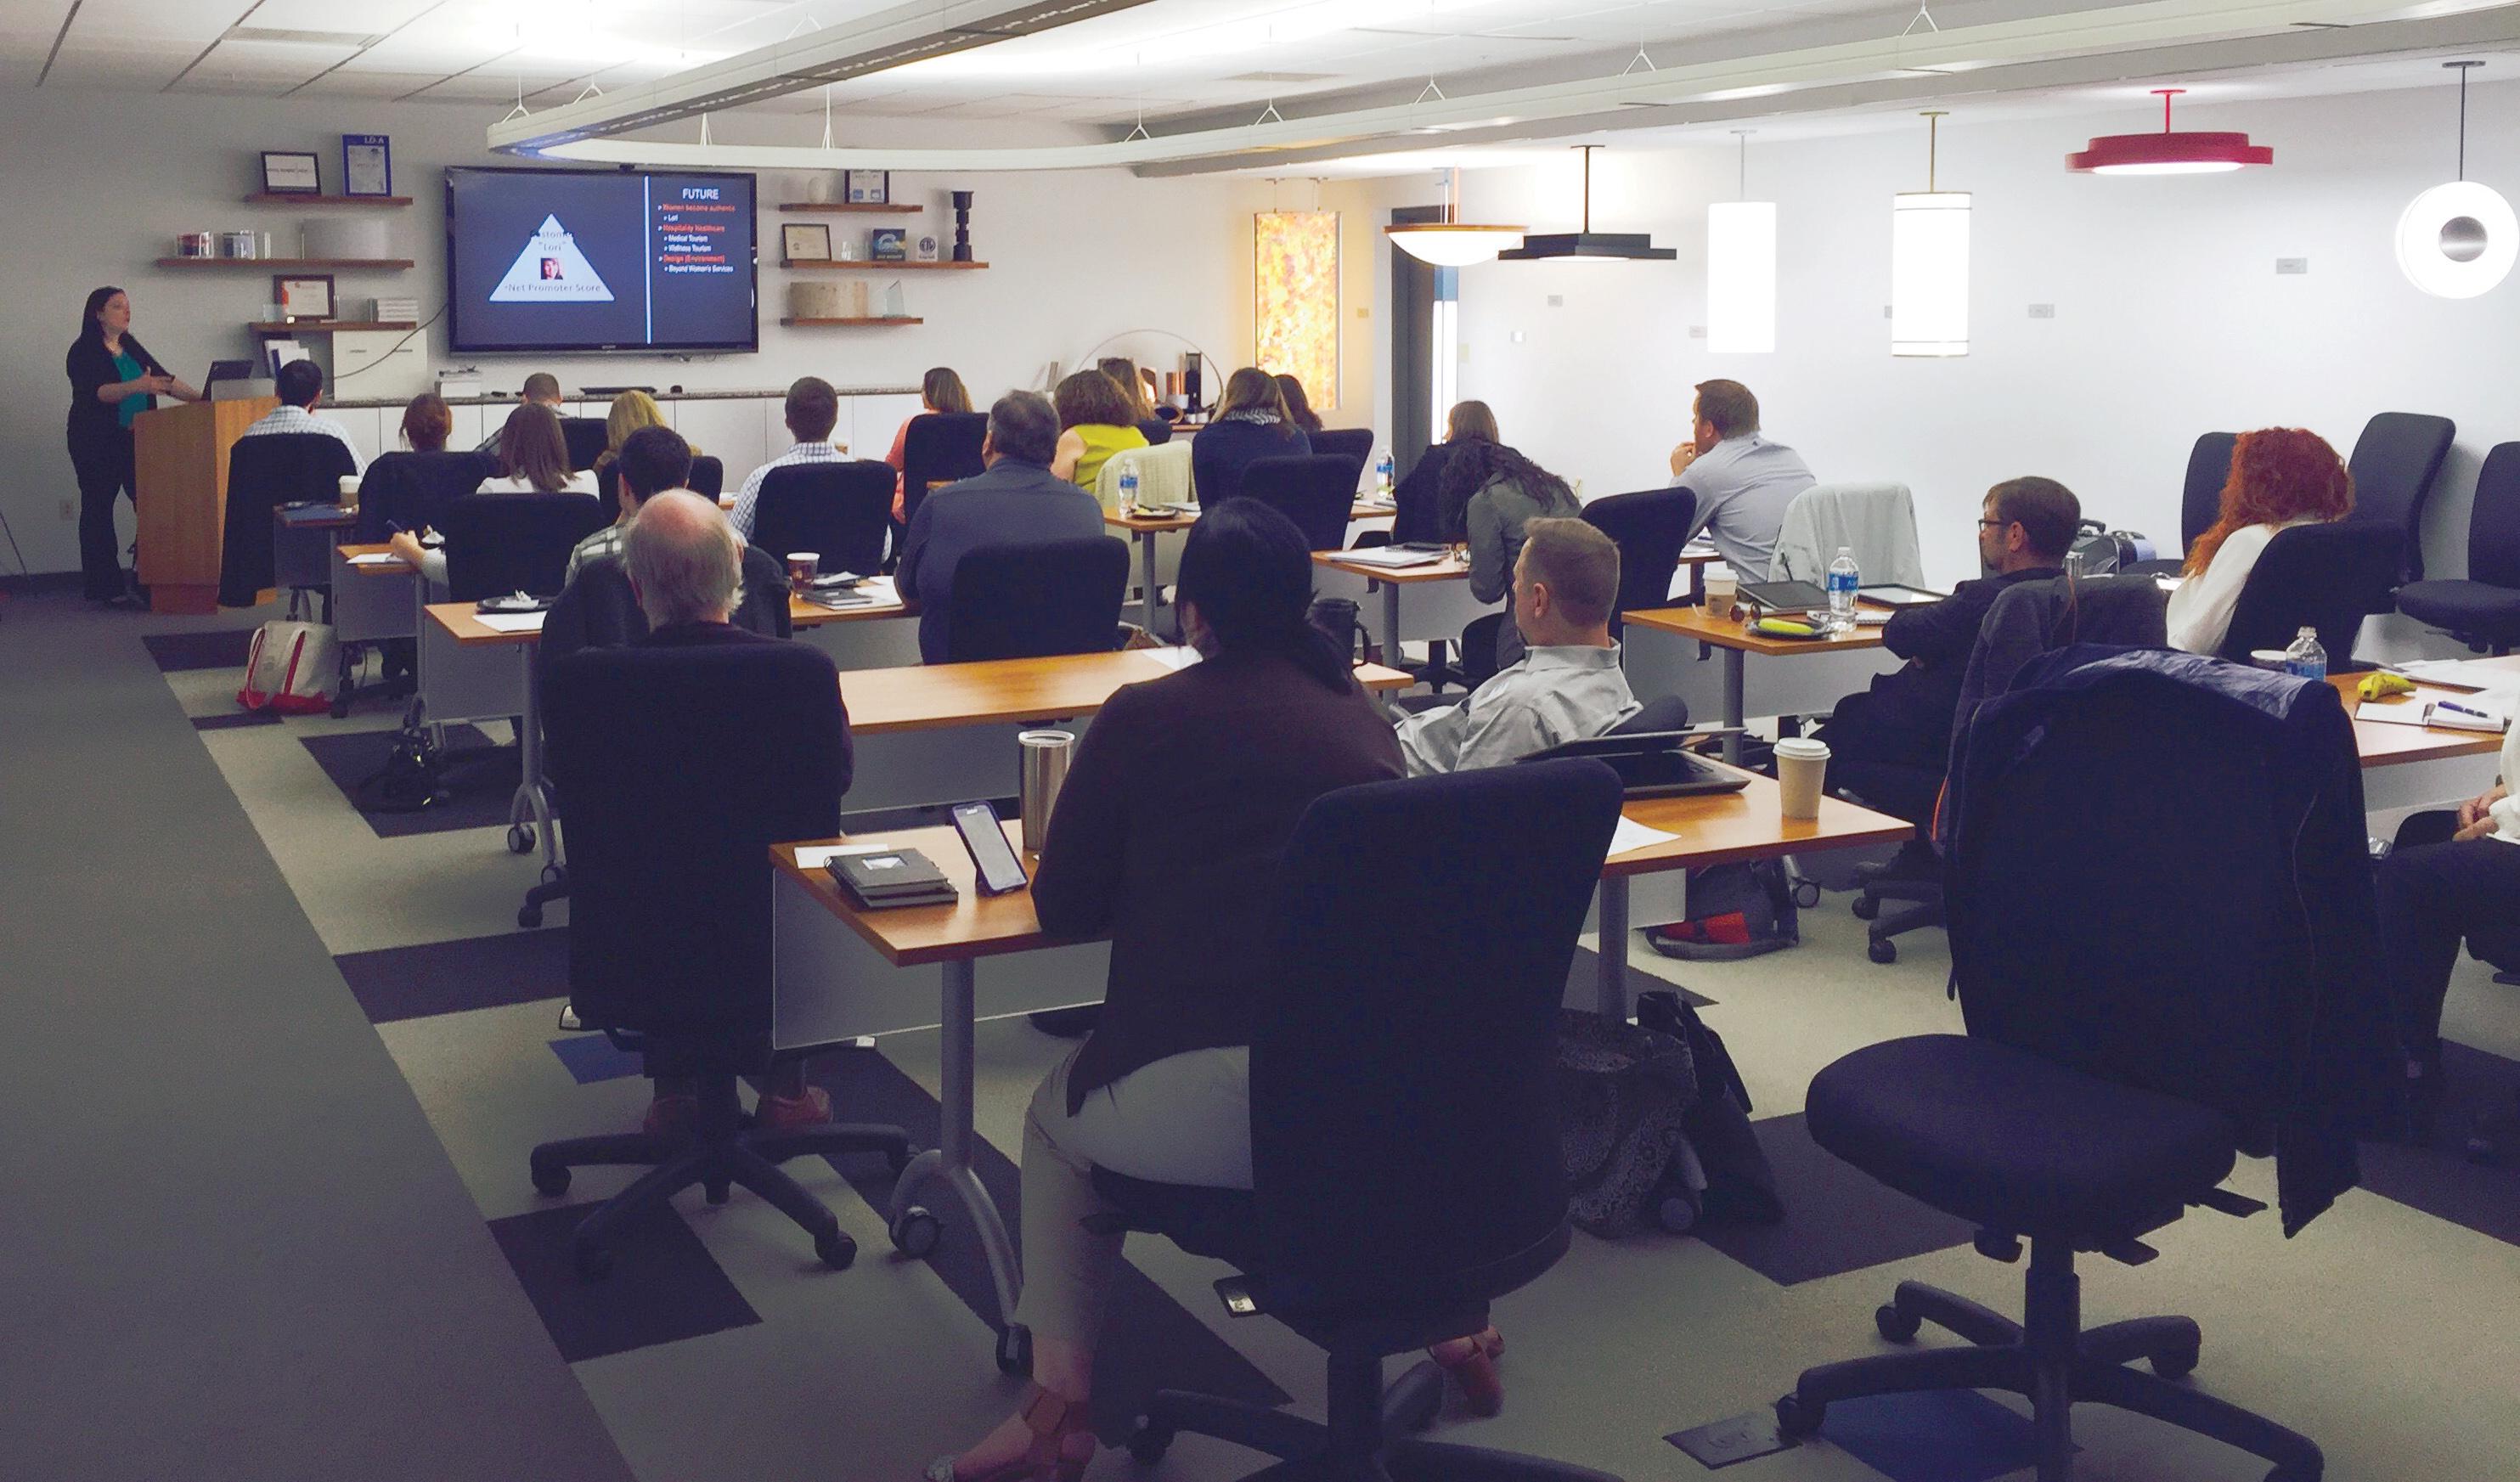 Seminar being held in Visa Lighting's training room.